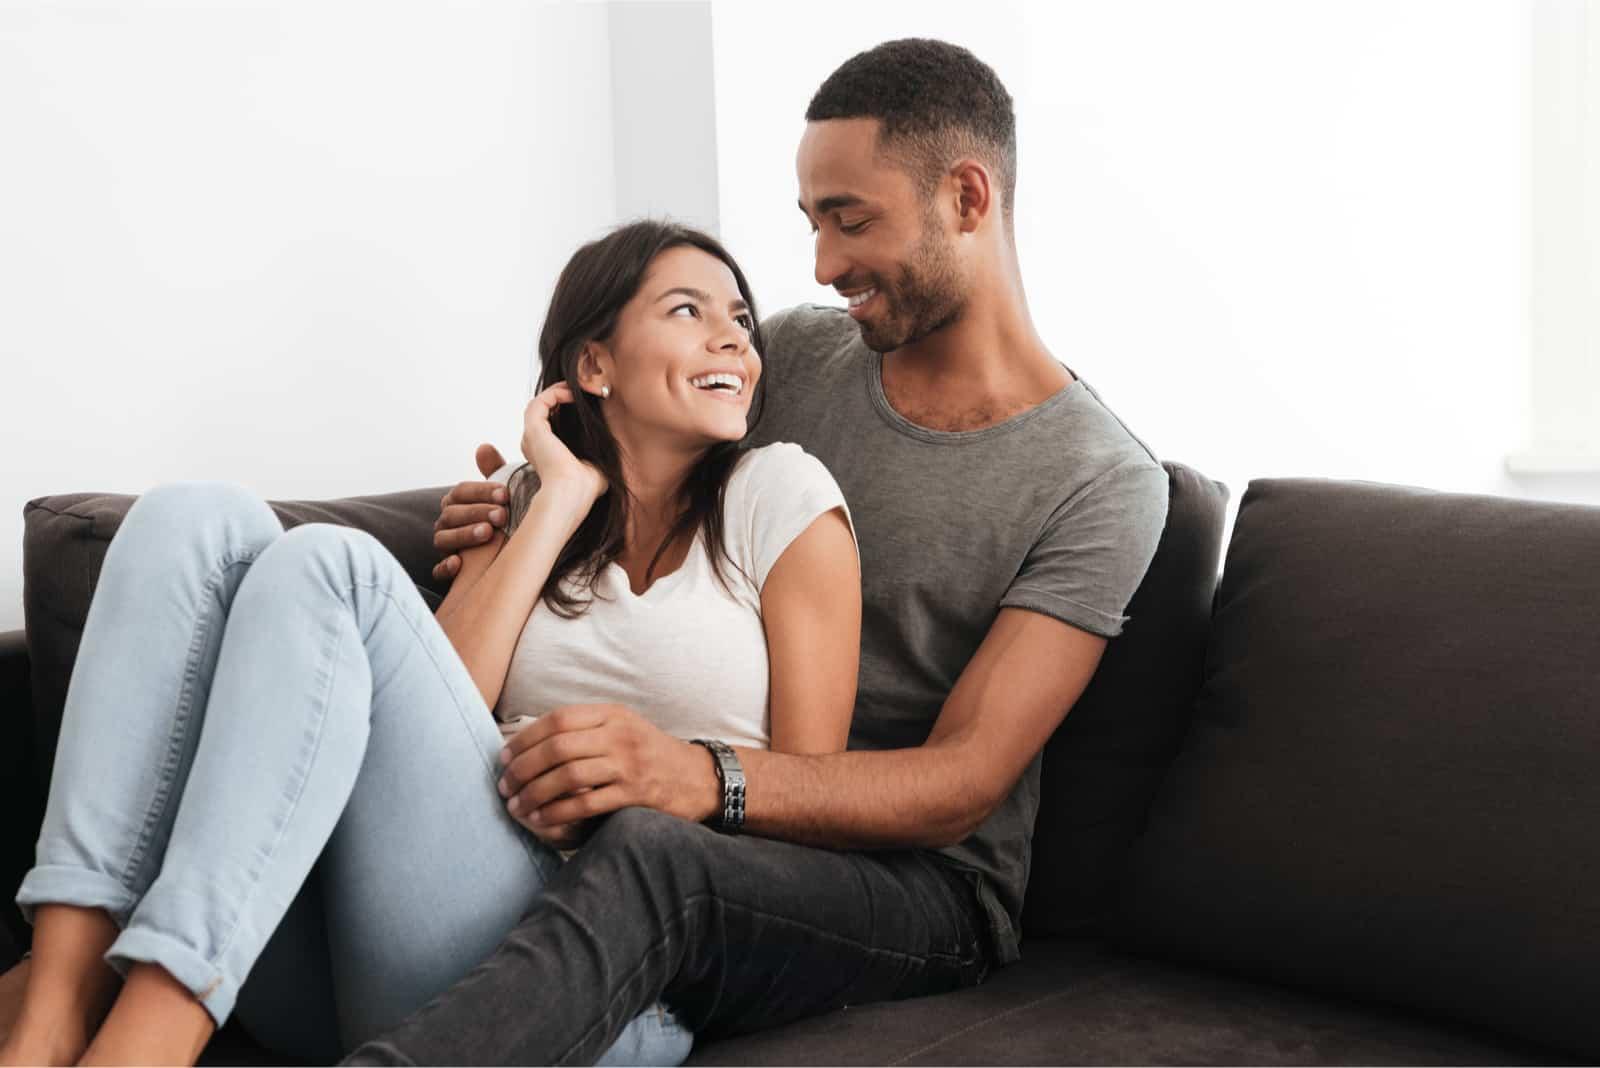 homme et femme riant assis sur un canapé